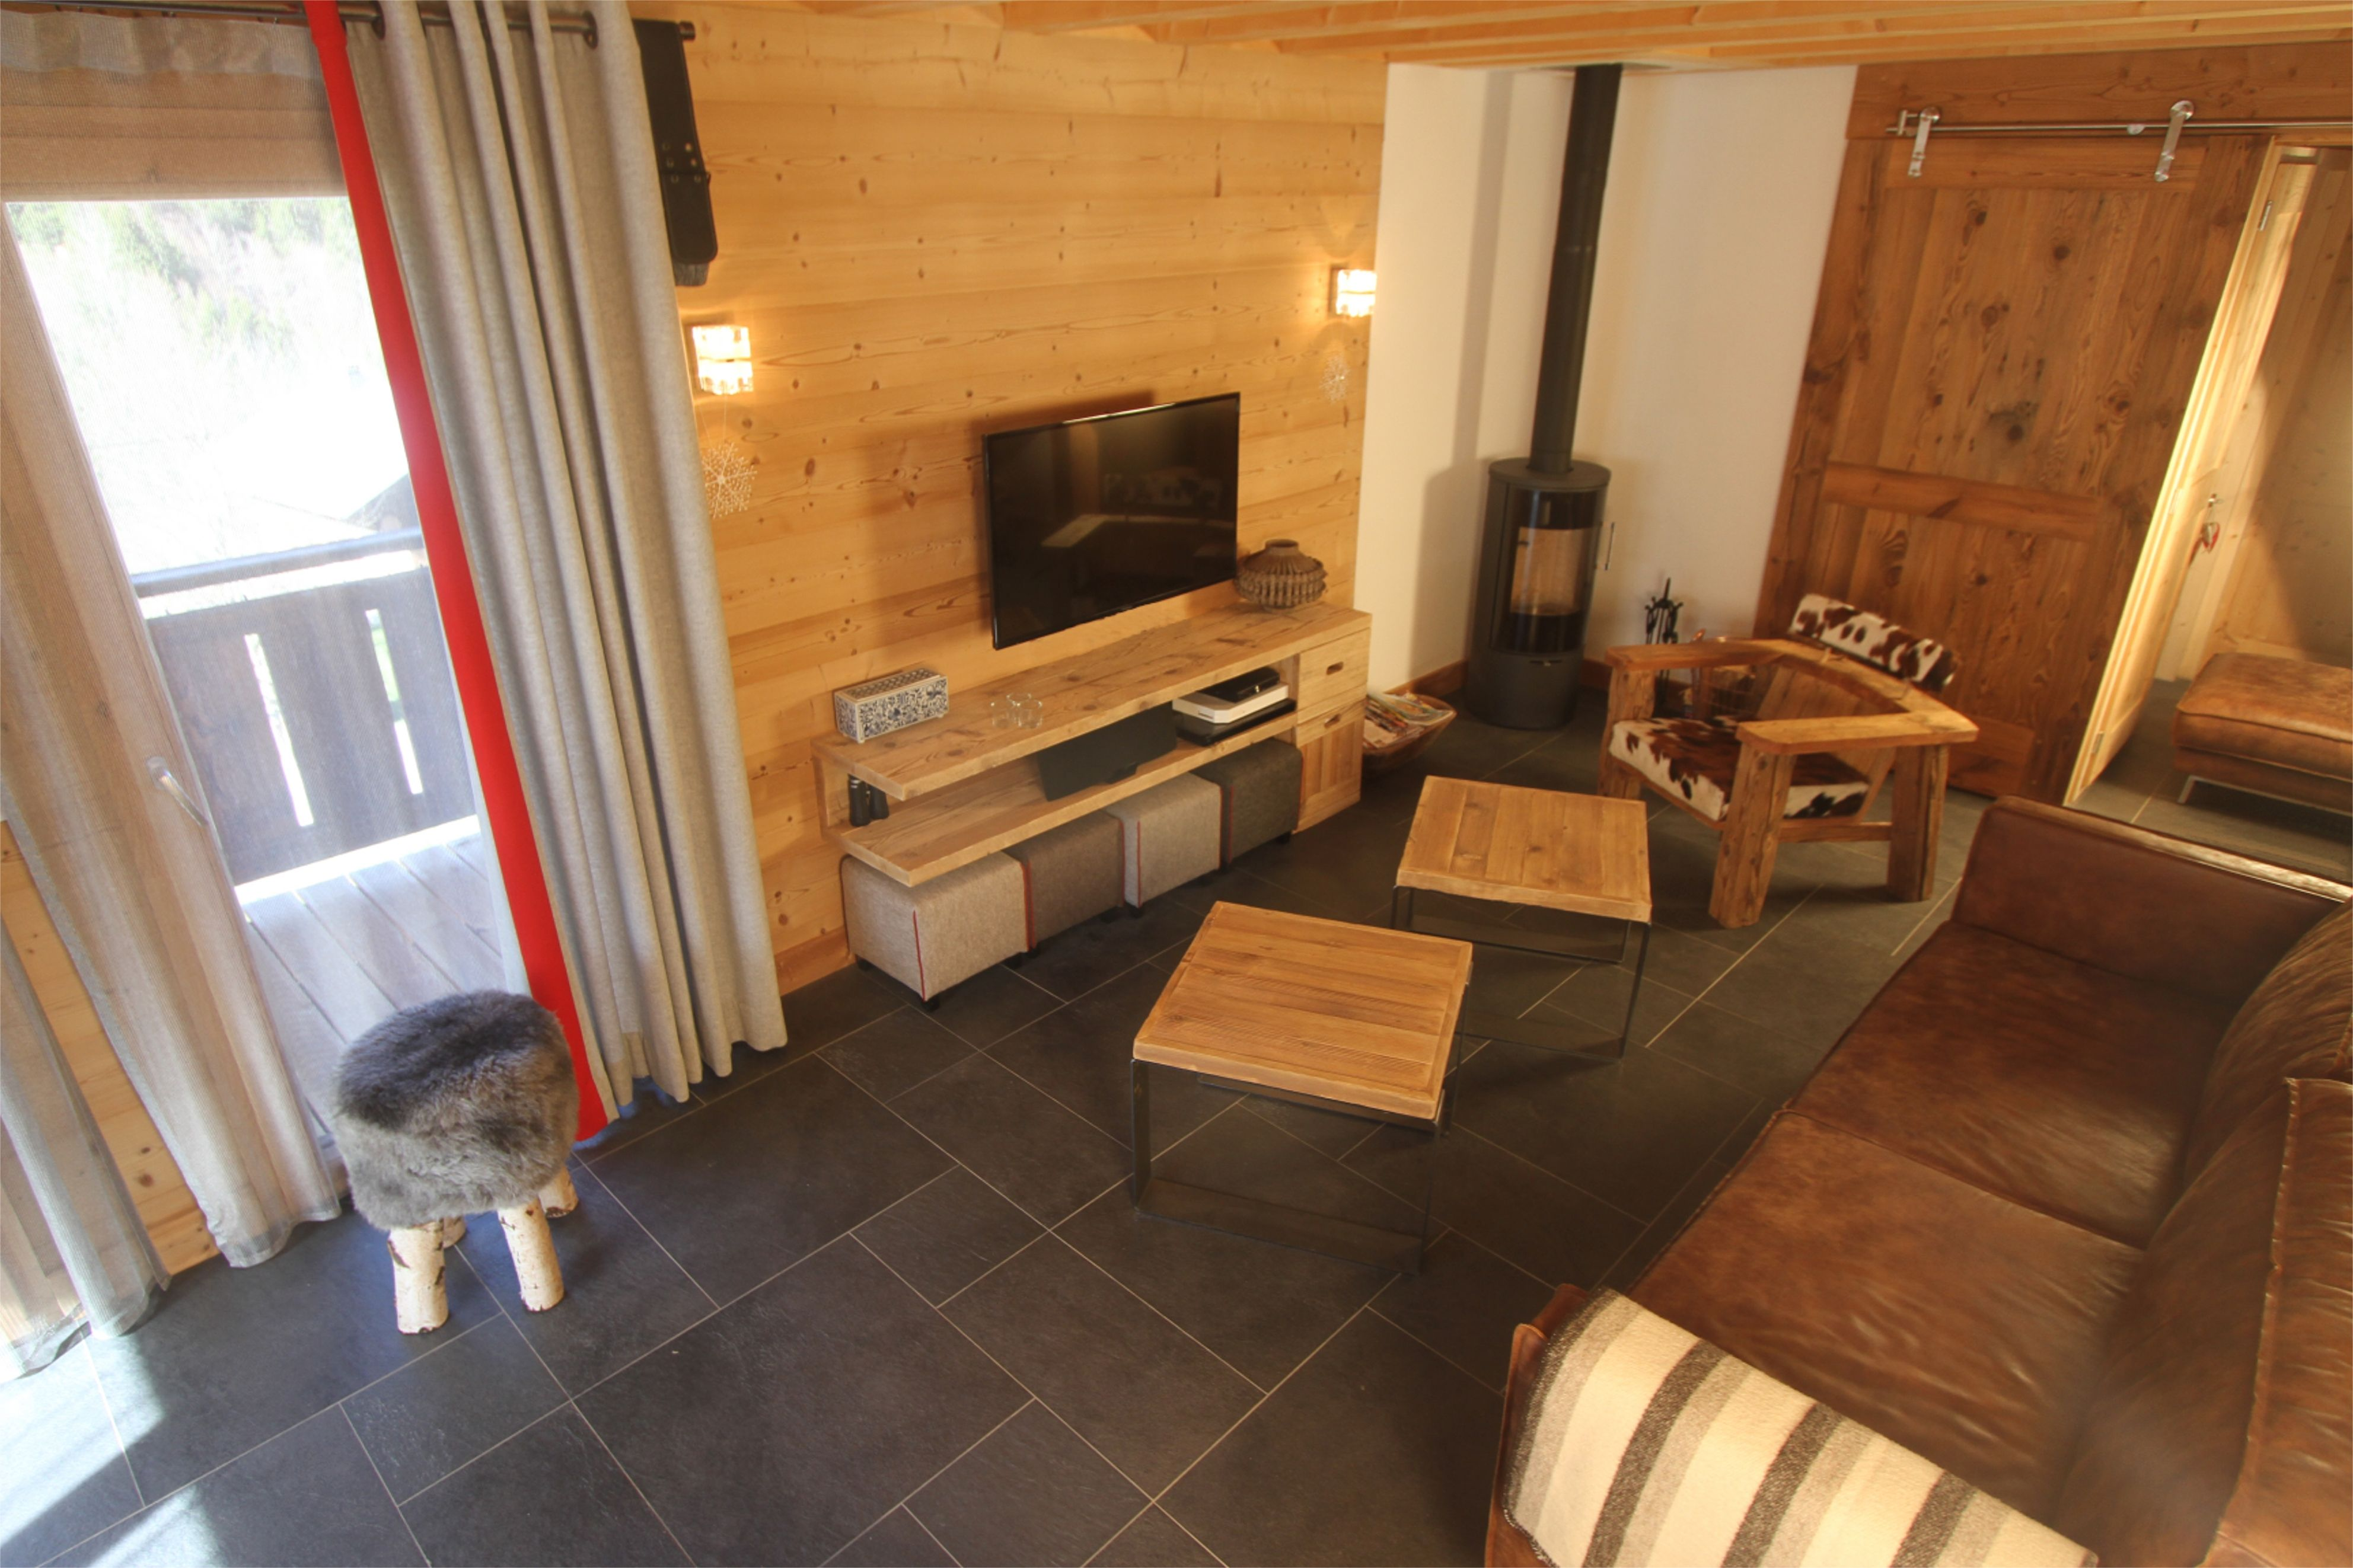 Meuble Tv En Vieux Bois Fabriqu Dans Notre Atelier Montriond En  # Meuble Tv Vieux Bois